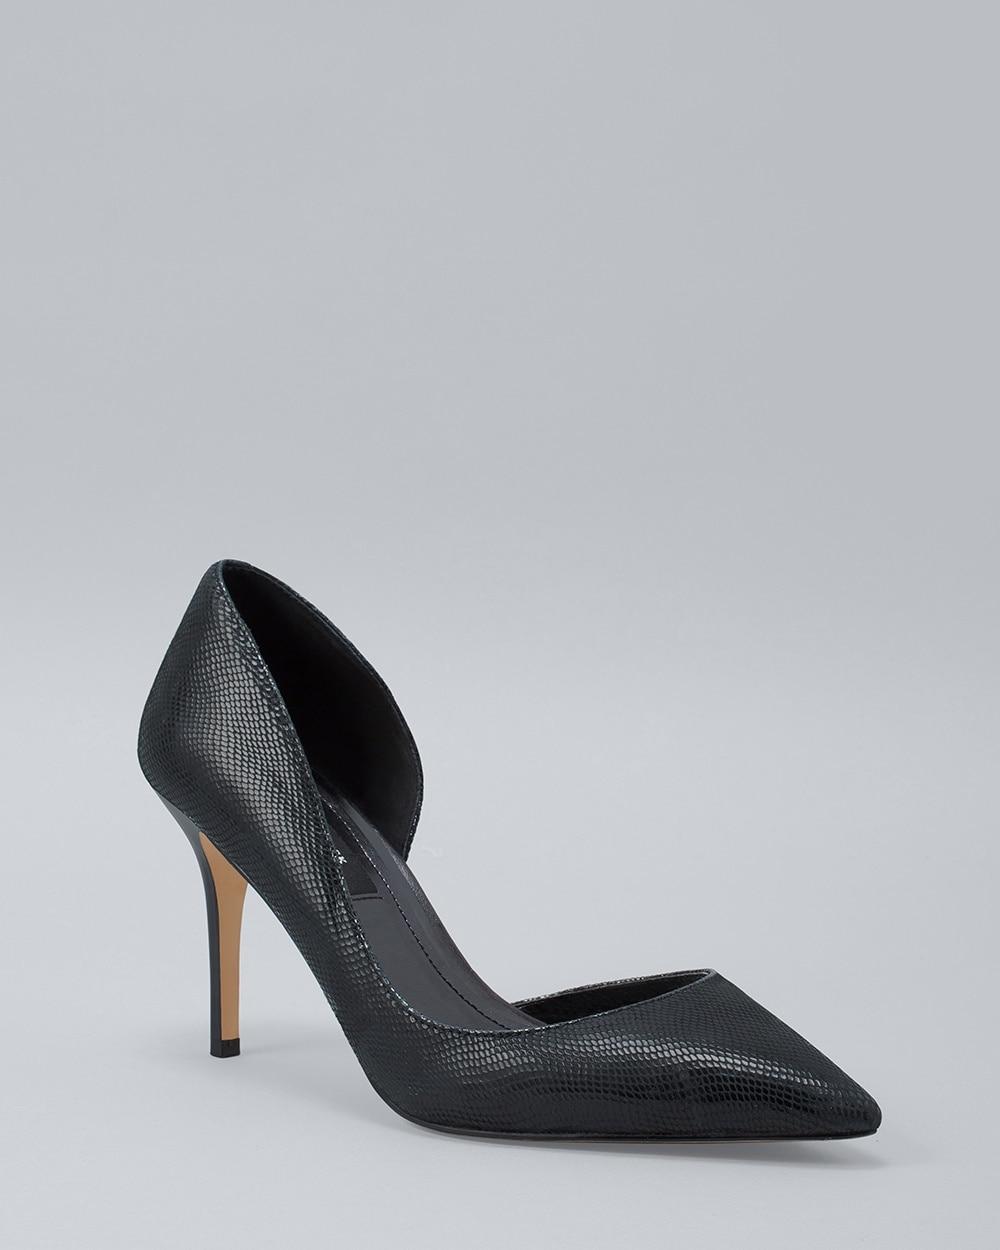 769cc6c01fa9a Shop Shoes for Women - White House Black Market